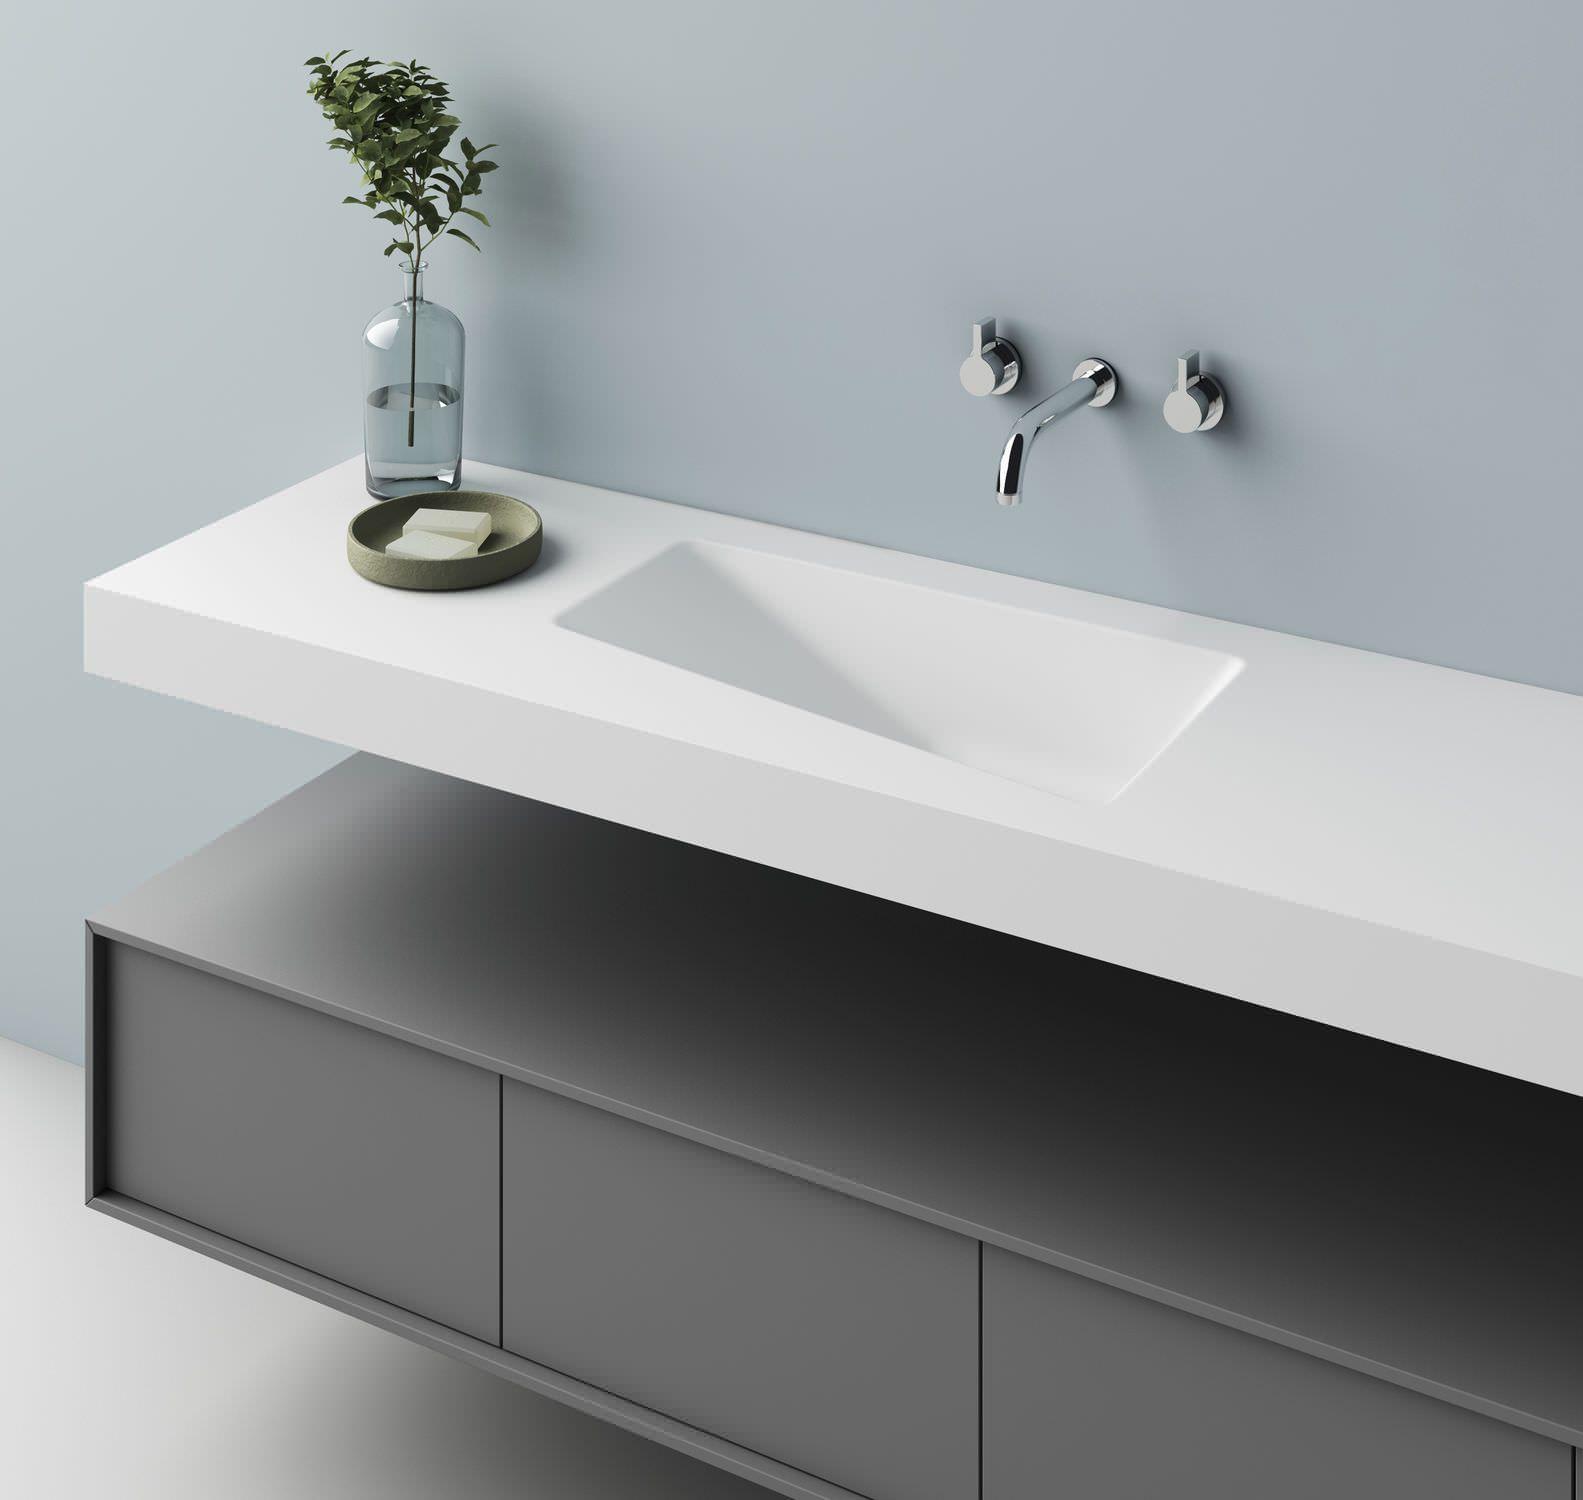 Aufsatz Waschbecken Ander Form Aus Corian Originelles Design Lux Planit Waschbecken Design Badezimmer Mobel Waschkuchendesign